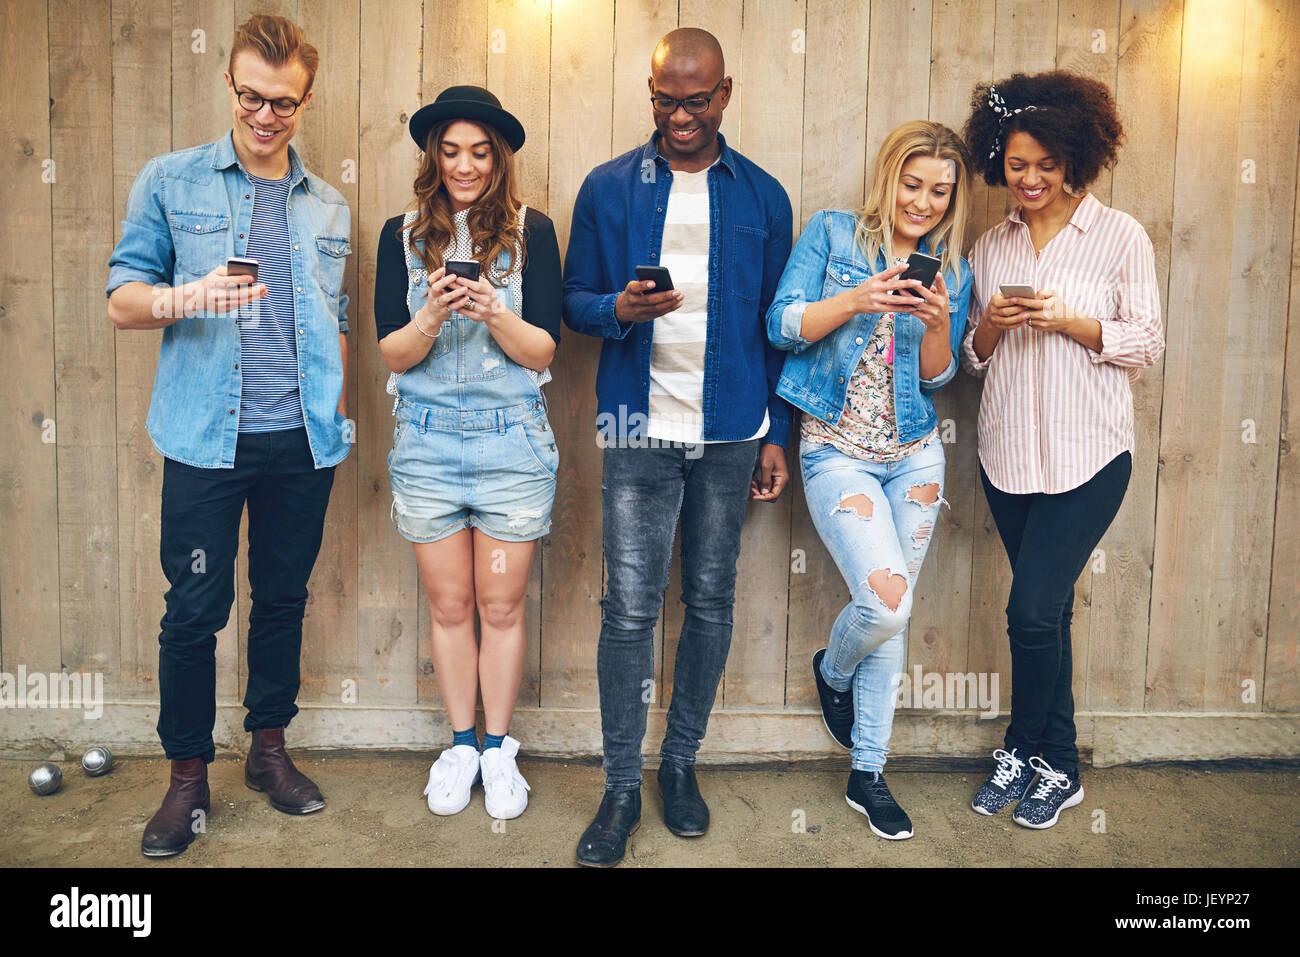 Alegre grupo de amigos en blanco y negro de pie y mostrando sus smartphones juntos en la pared de madera. Imagen De Stock